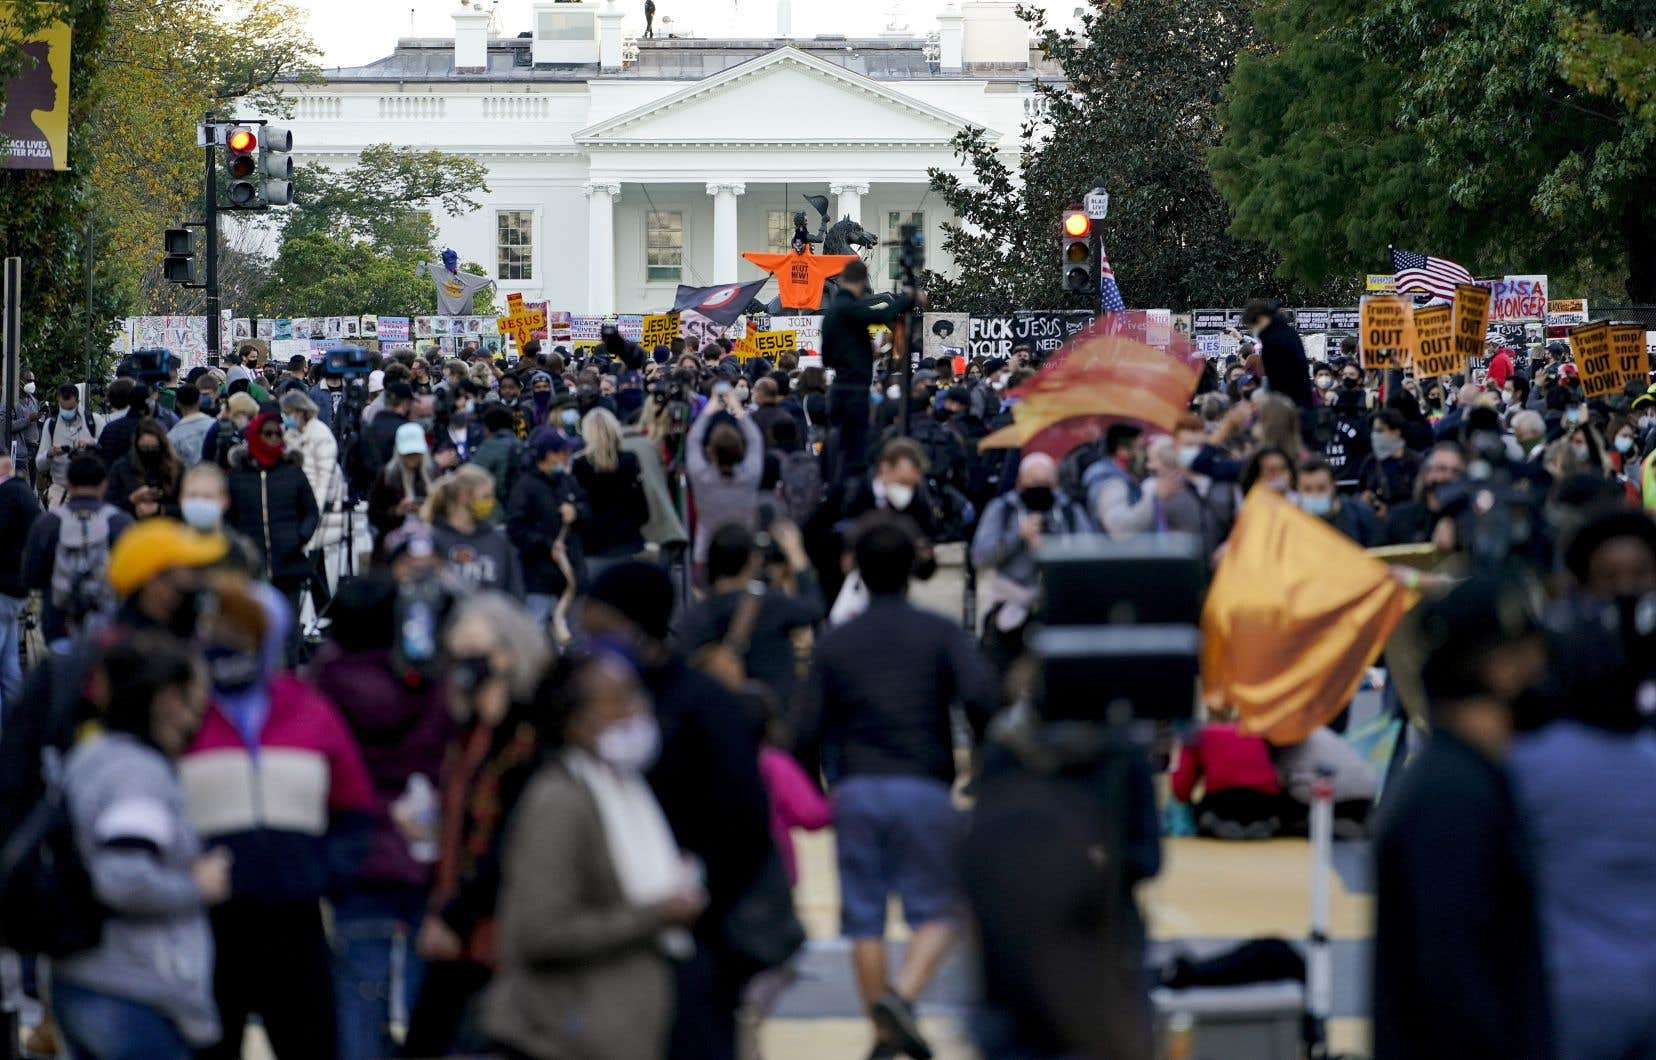 Devant la Maison-Blanche, où le président Donald Trump prévoit suivre les résultats de la soirée en direct en compagnie de 250 invités, quelques manifestants s'étaient déjà massés des heures avant que les premiers votes ne commencent même à être dépouillés.